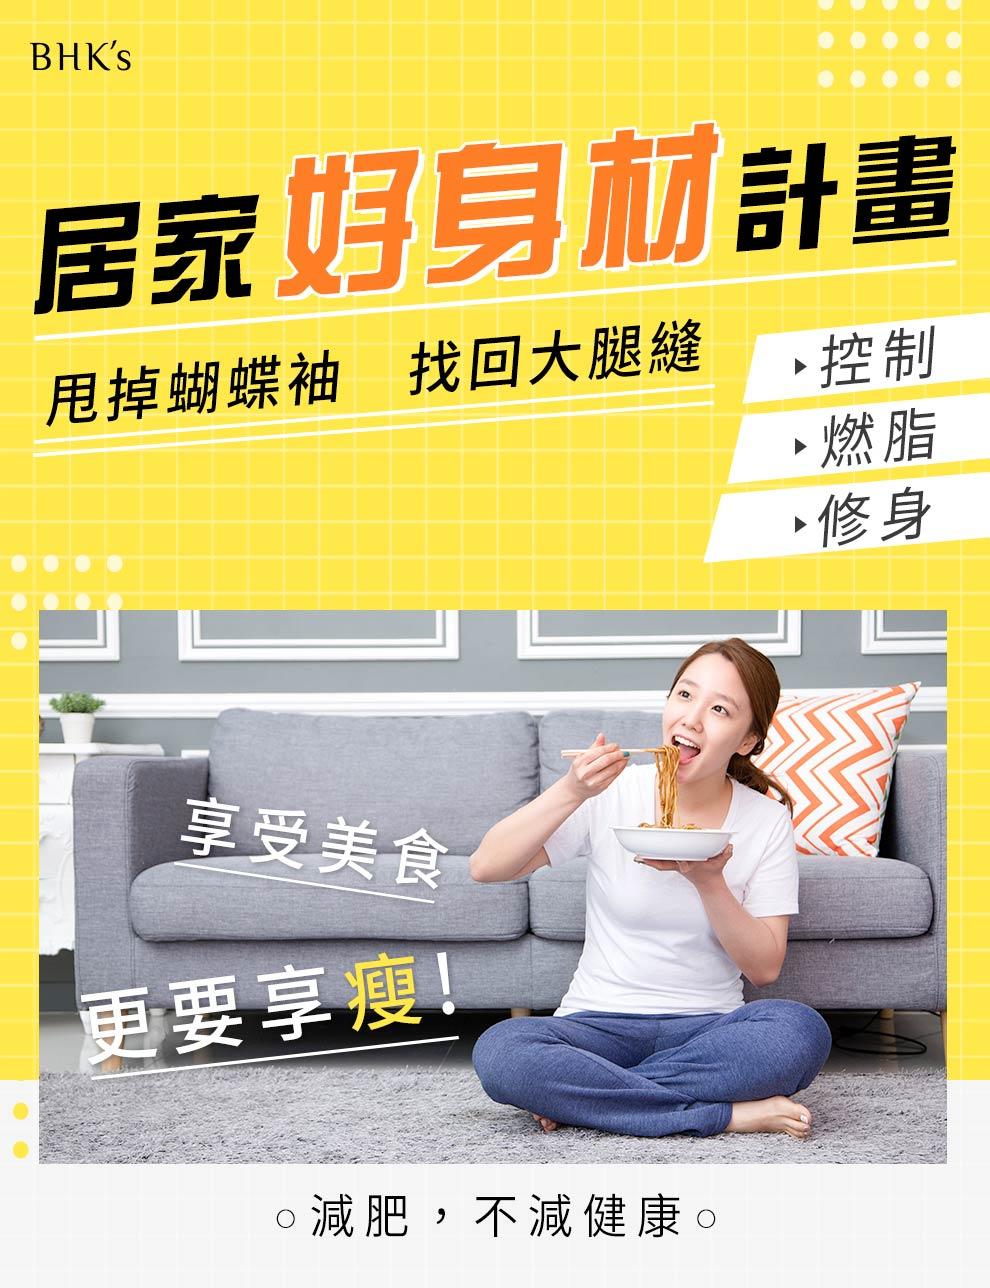 居家都可以擁有好身材,瘦身塑形通通達成,減肥唔減健康。